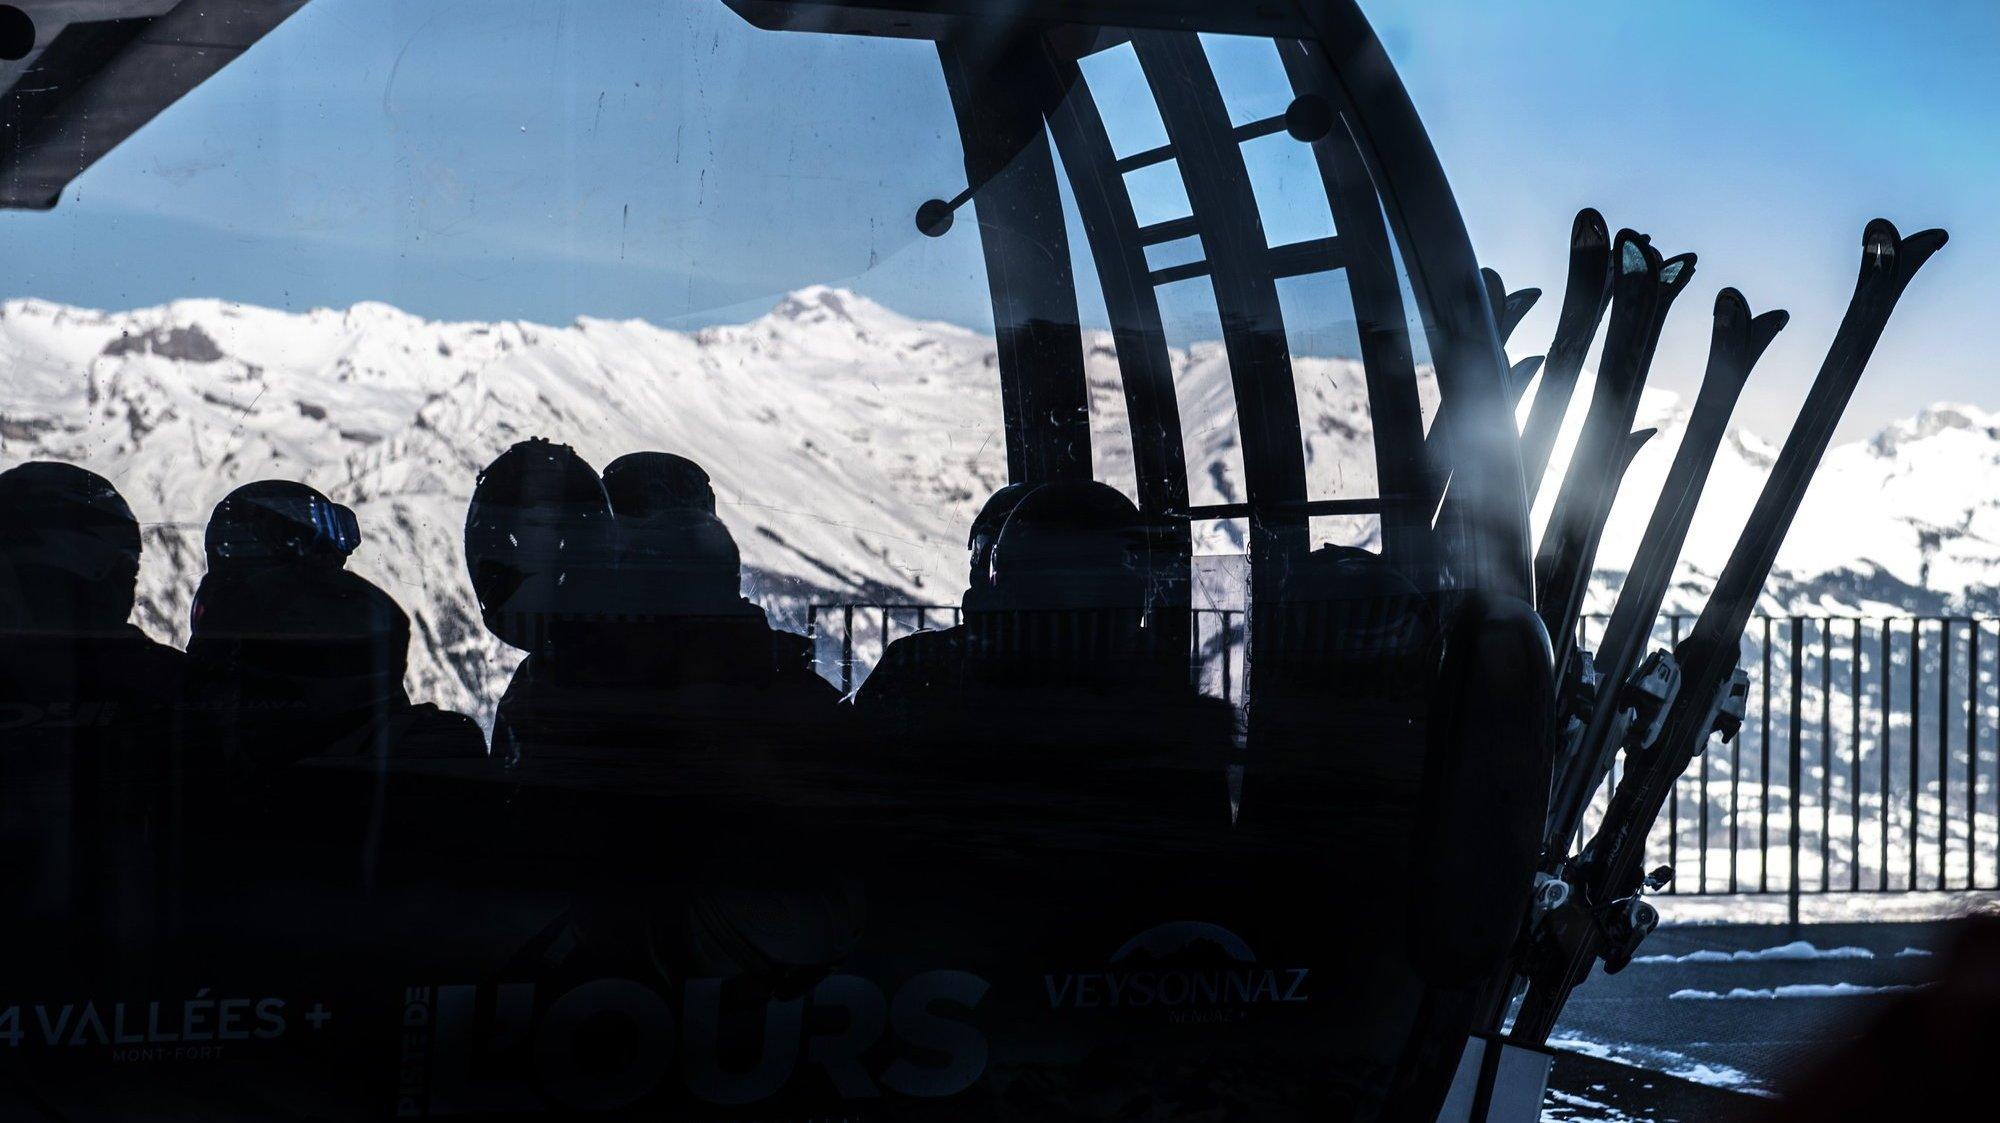 Pour participer aux camps de ski, les élèves des écoles professionnelles et des lycées devront pouvoir prouver qu'ils ont été vaccinés ou contaminés récemment.